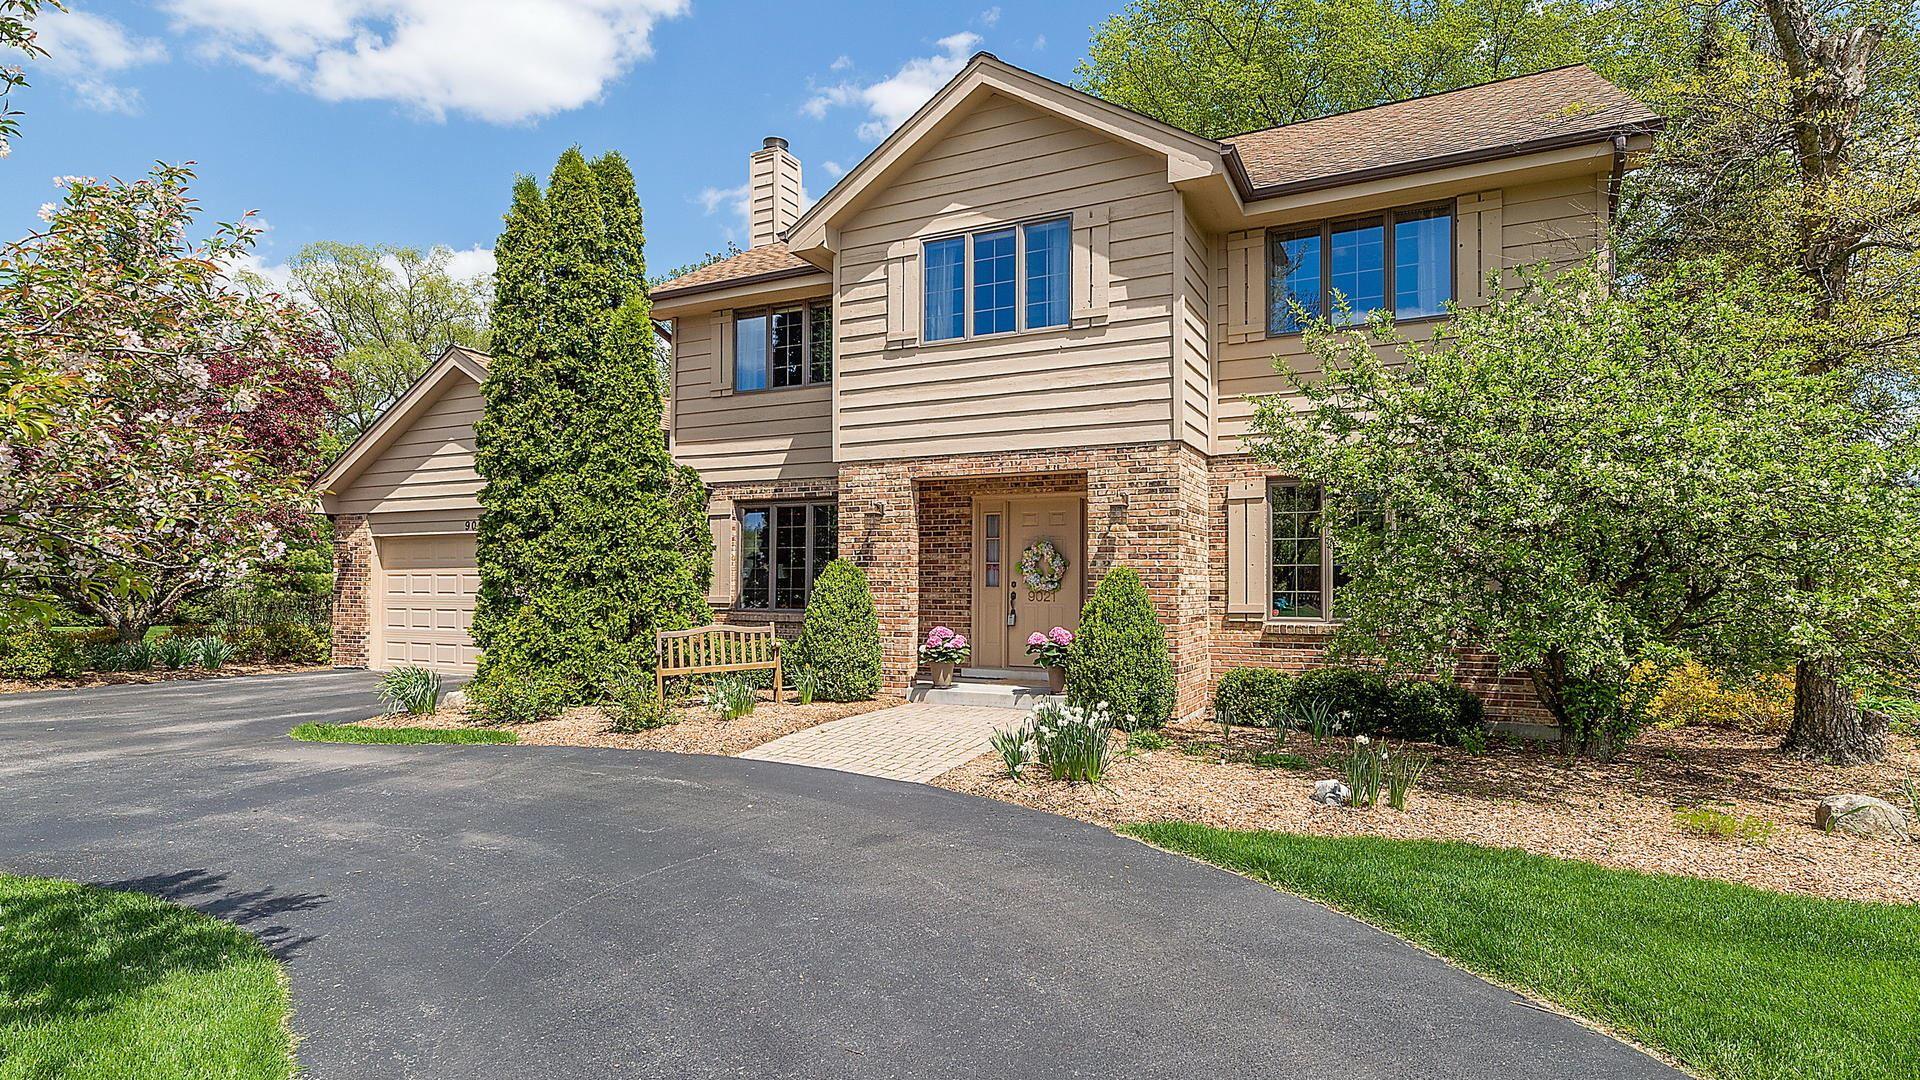 9021 Royal Drive, Burr Ridge, IL 60527 - #: 10741664